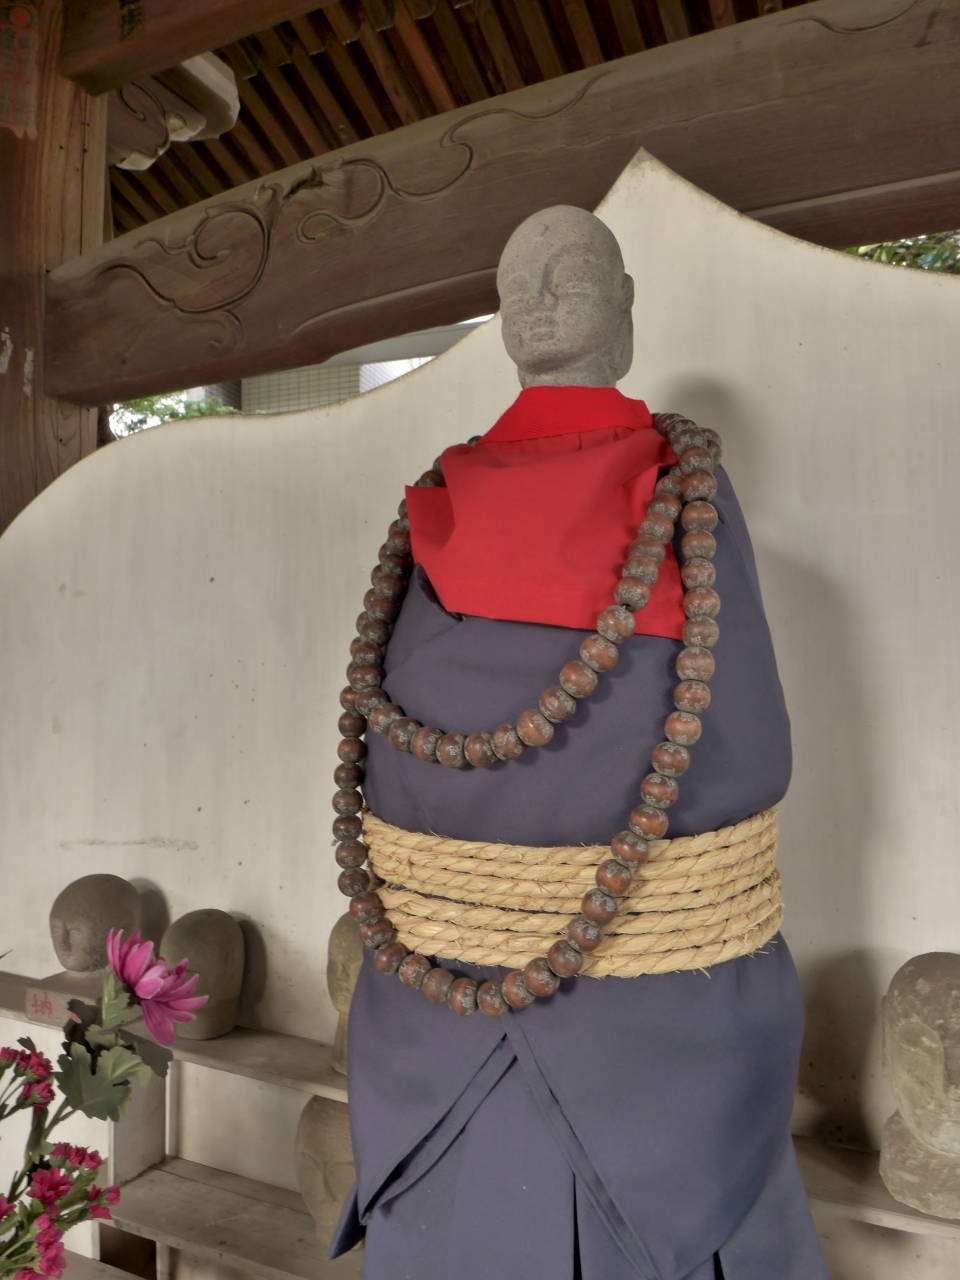 しばり地蔵尊 『「しばり地蔵尊」が珍しい』by Katsumi1956さん|願行寺のクチコミ【フ